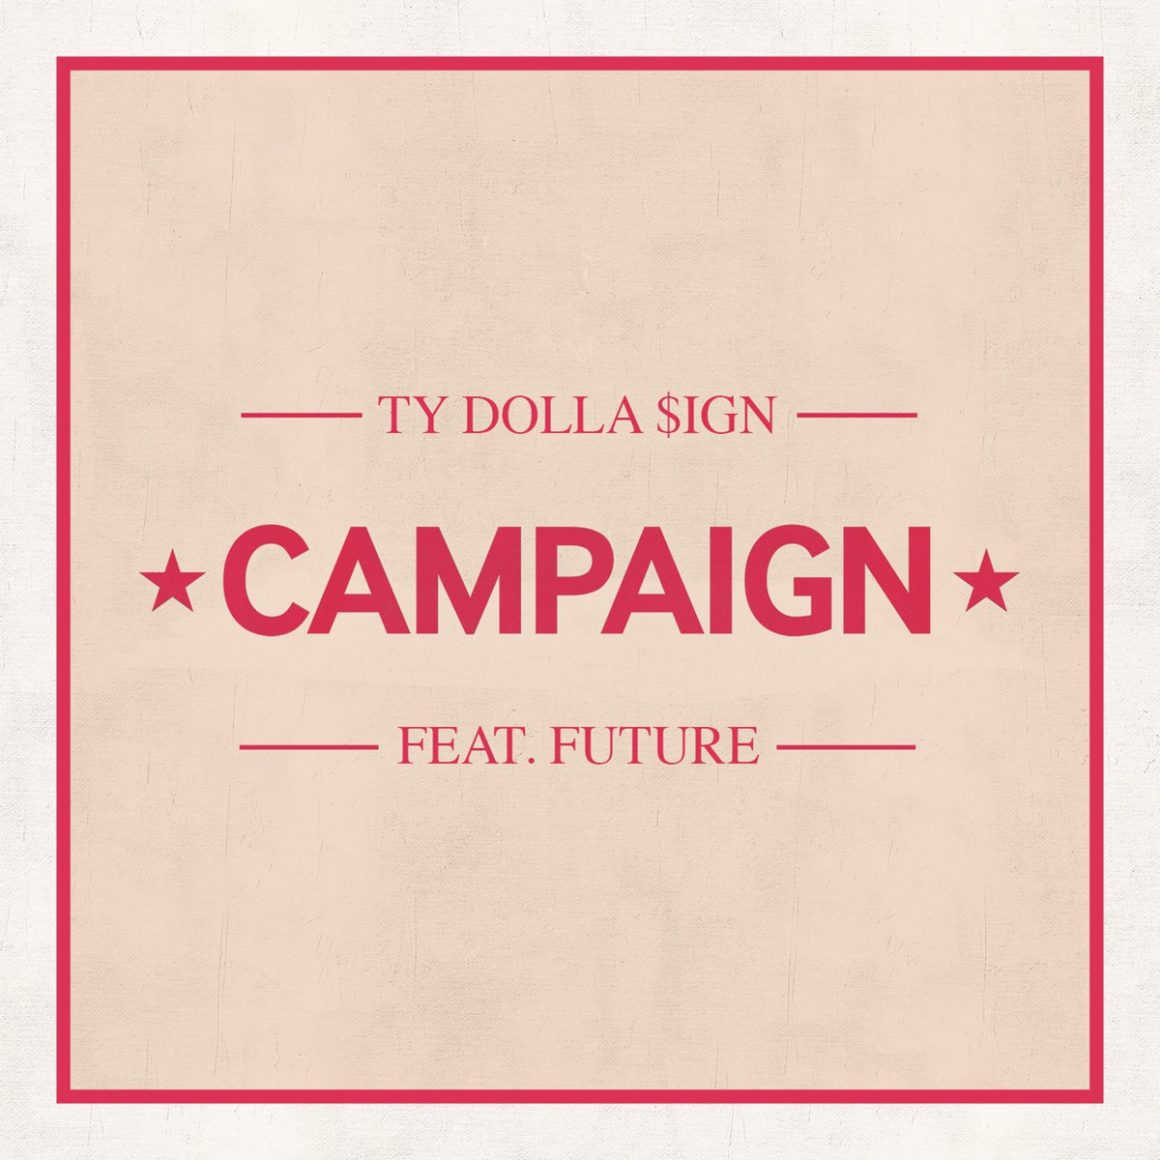 campaign-1160x1160